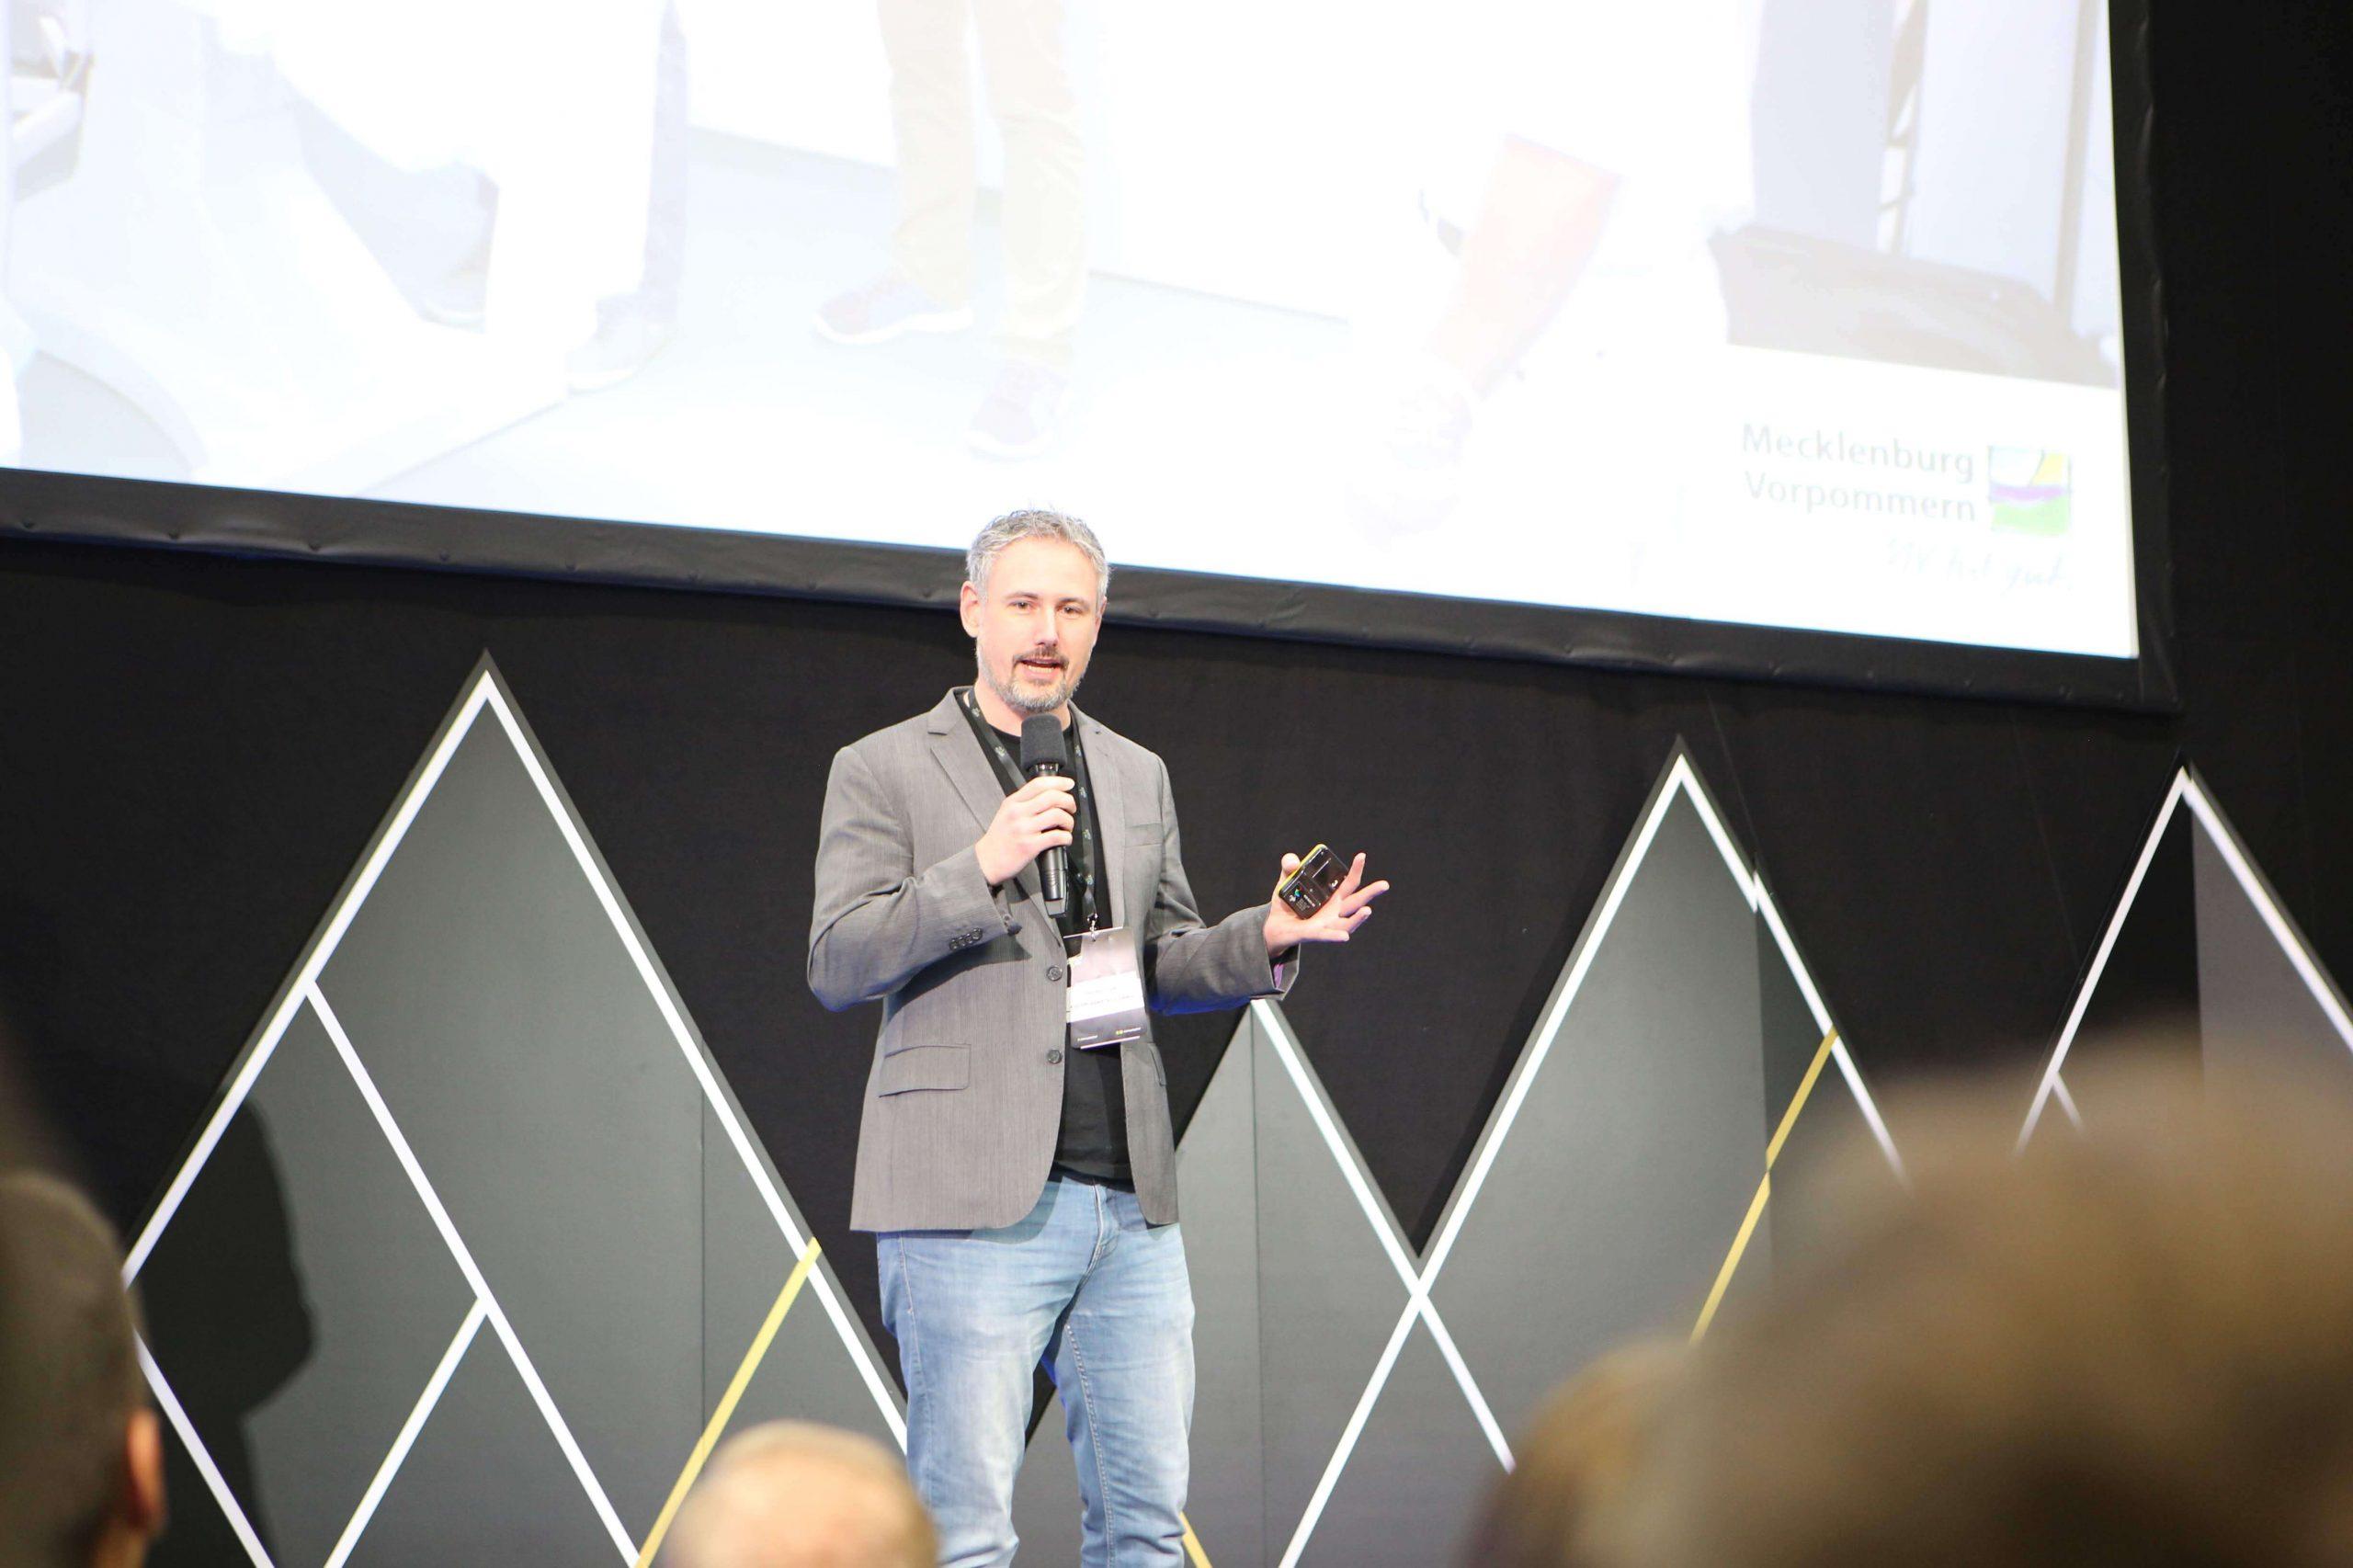 Carsten Mahrenholz